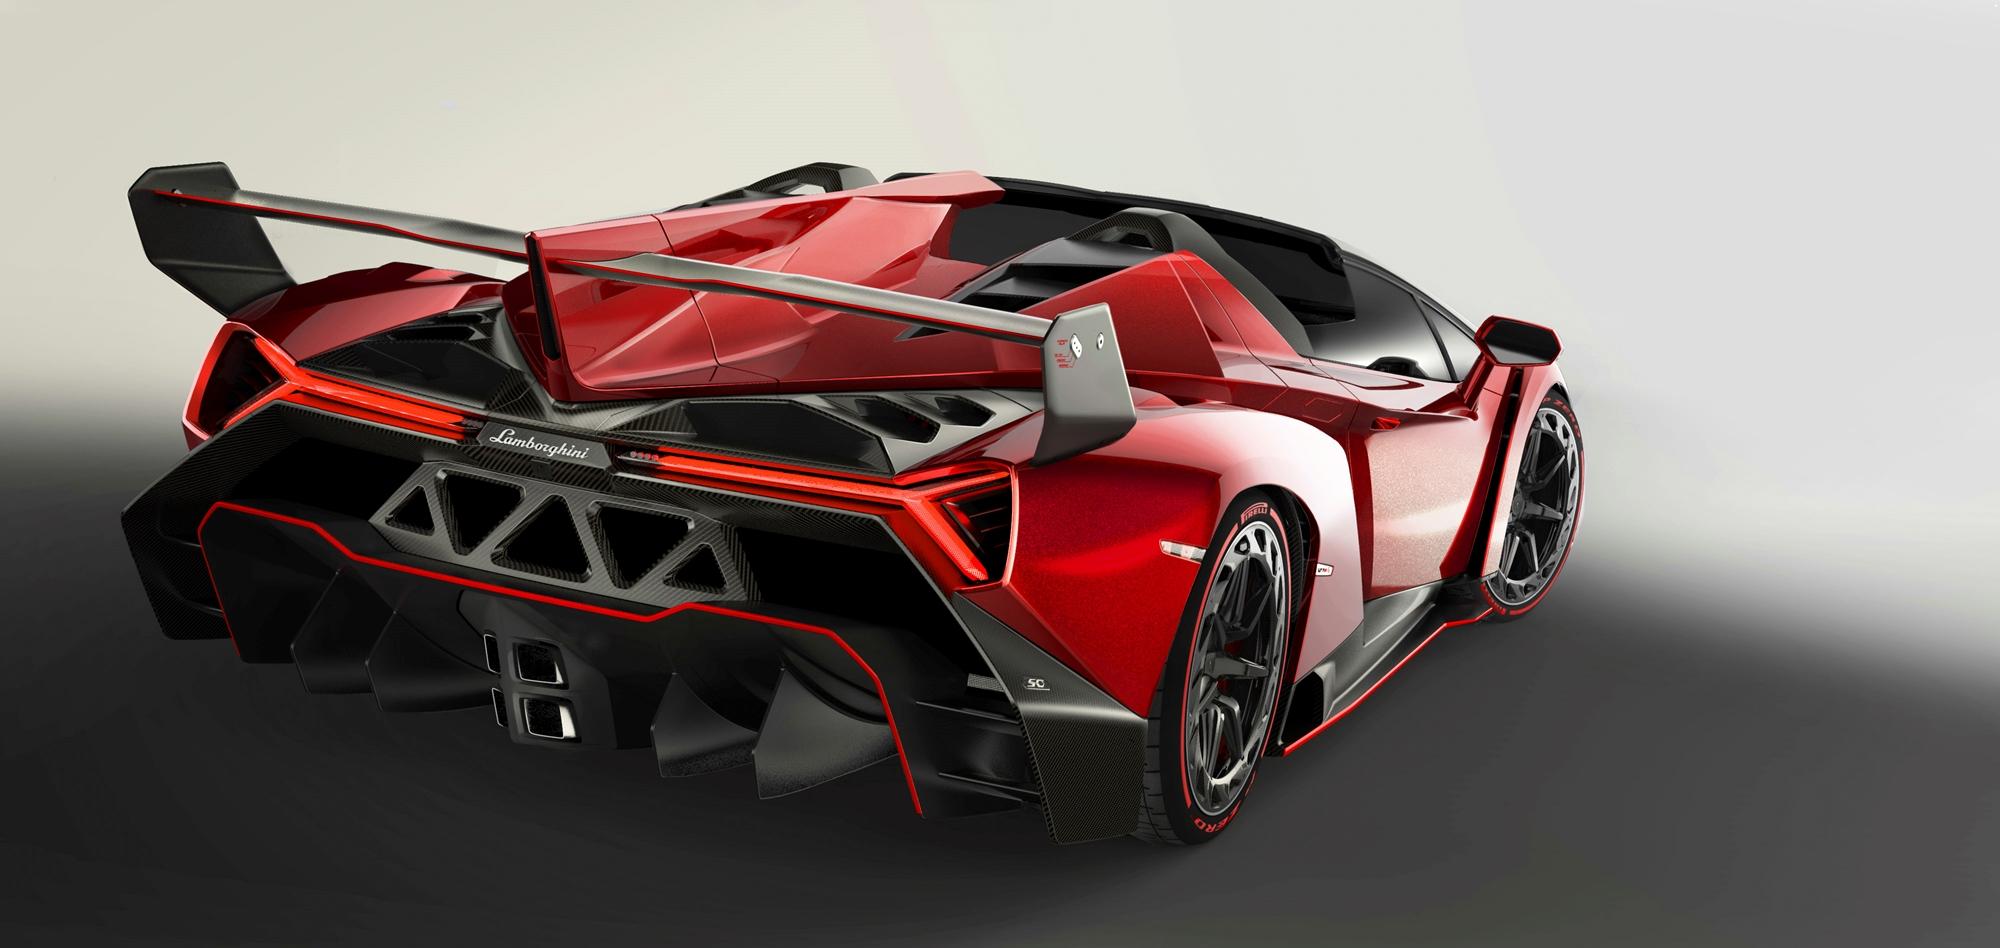 Lamborghini Veneno Roadster Full Specs Features And Price